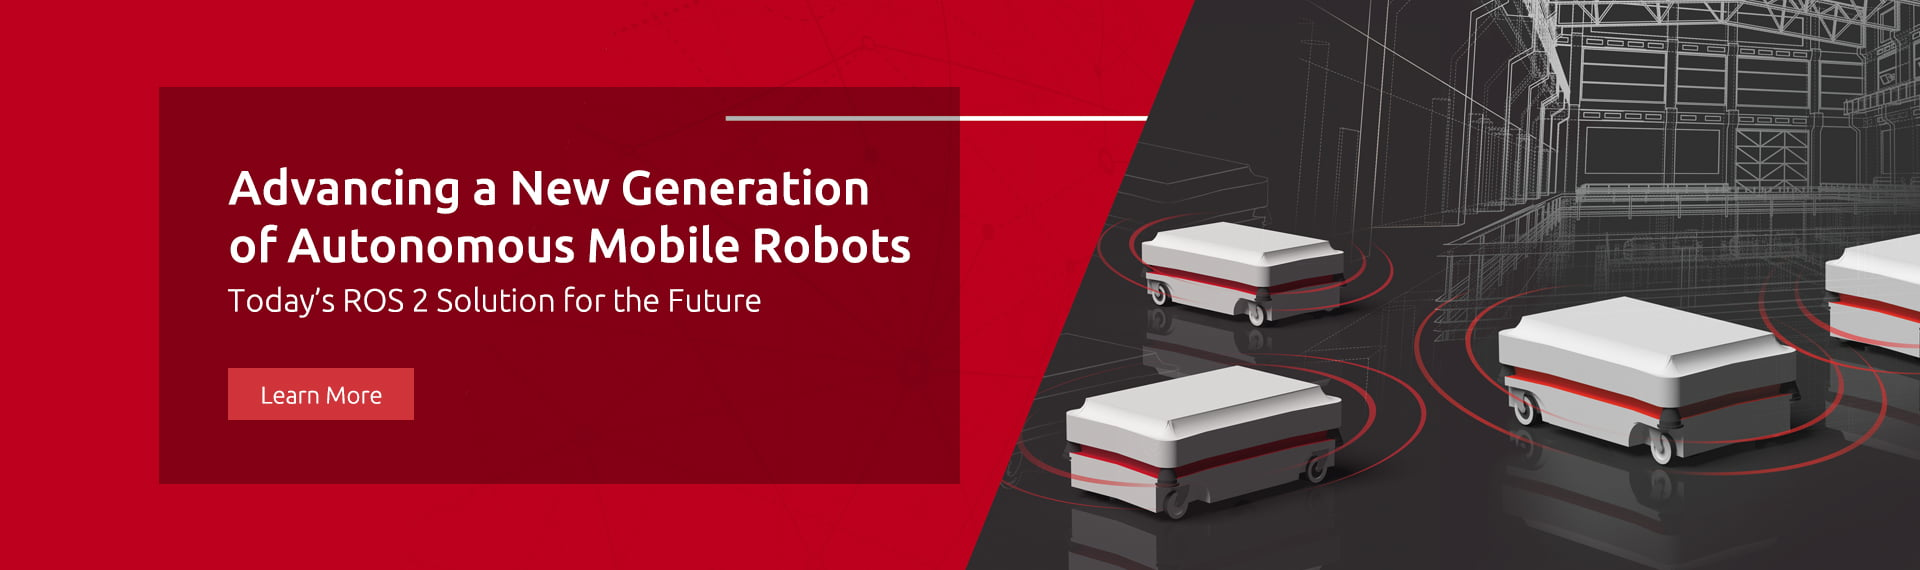 Advancing a new generation of autonomous mobile robots